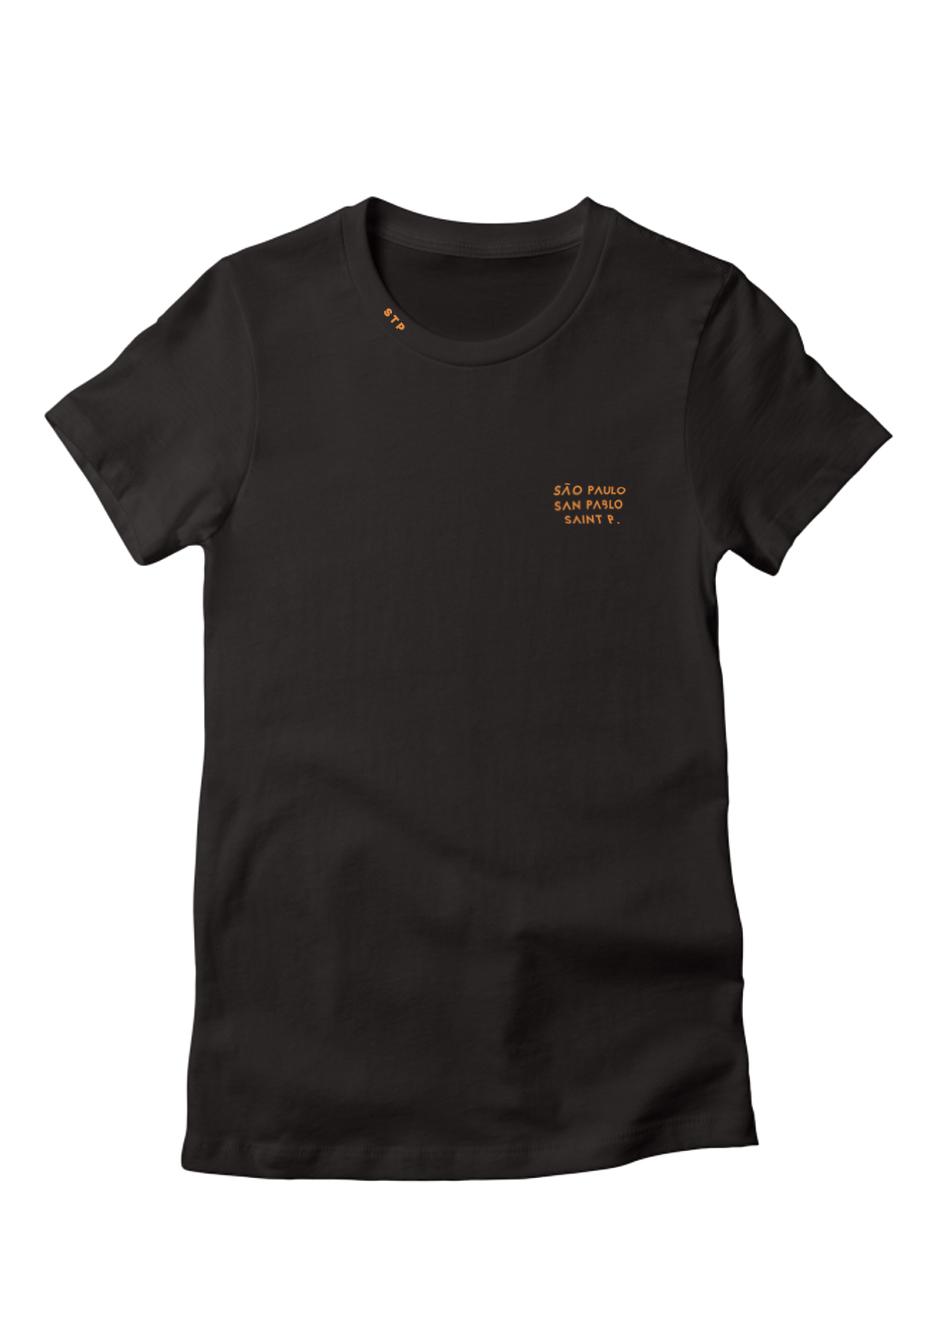 Camiseta Feminina San Pablo - Saint P.